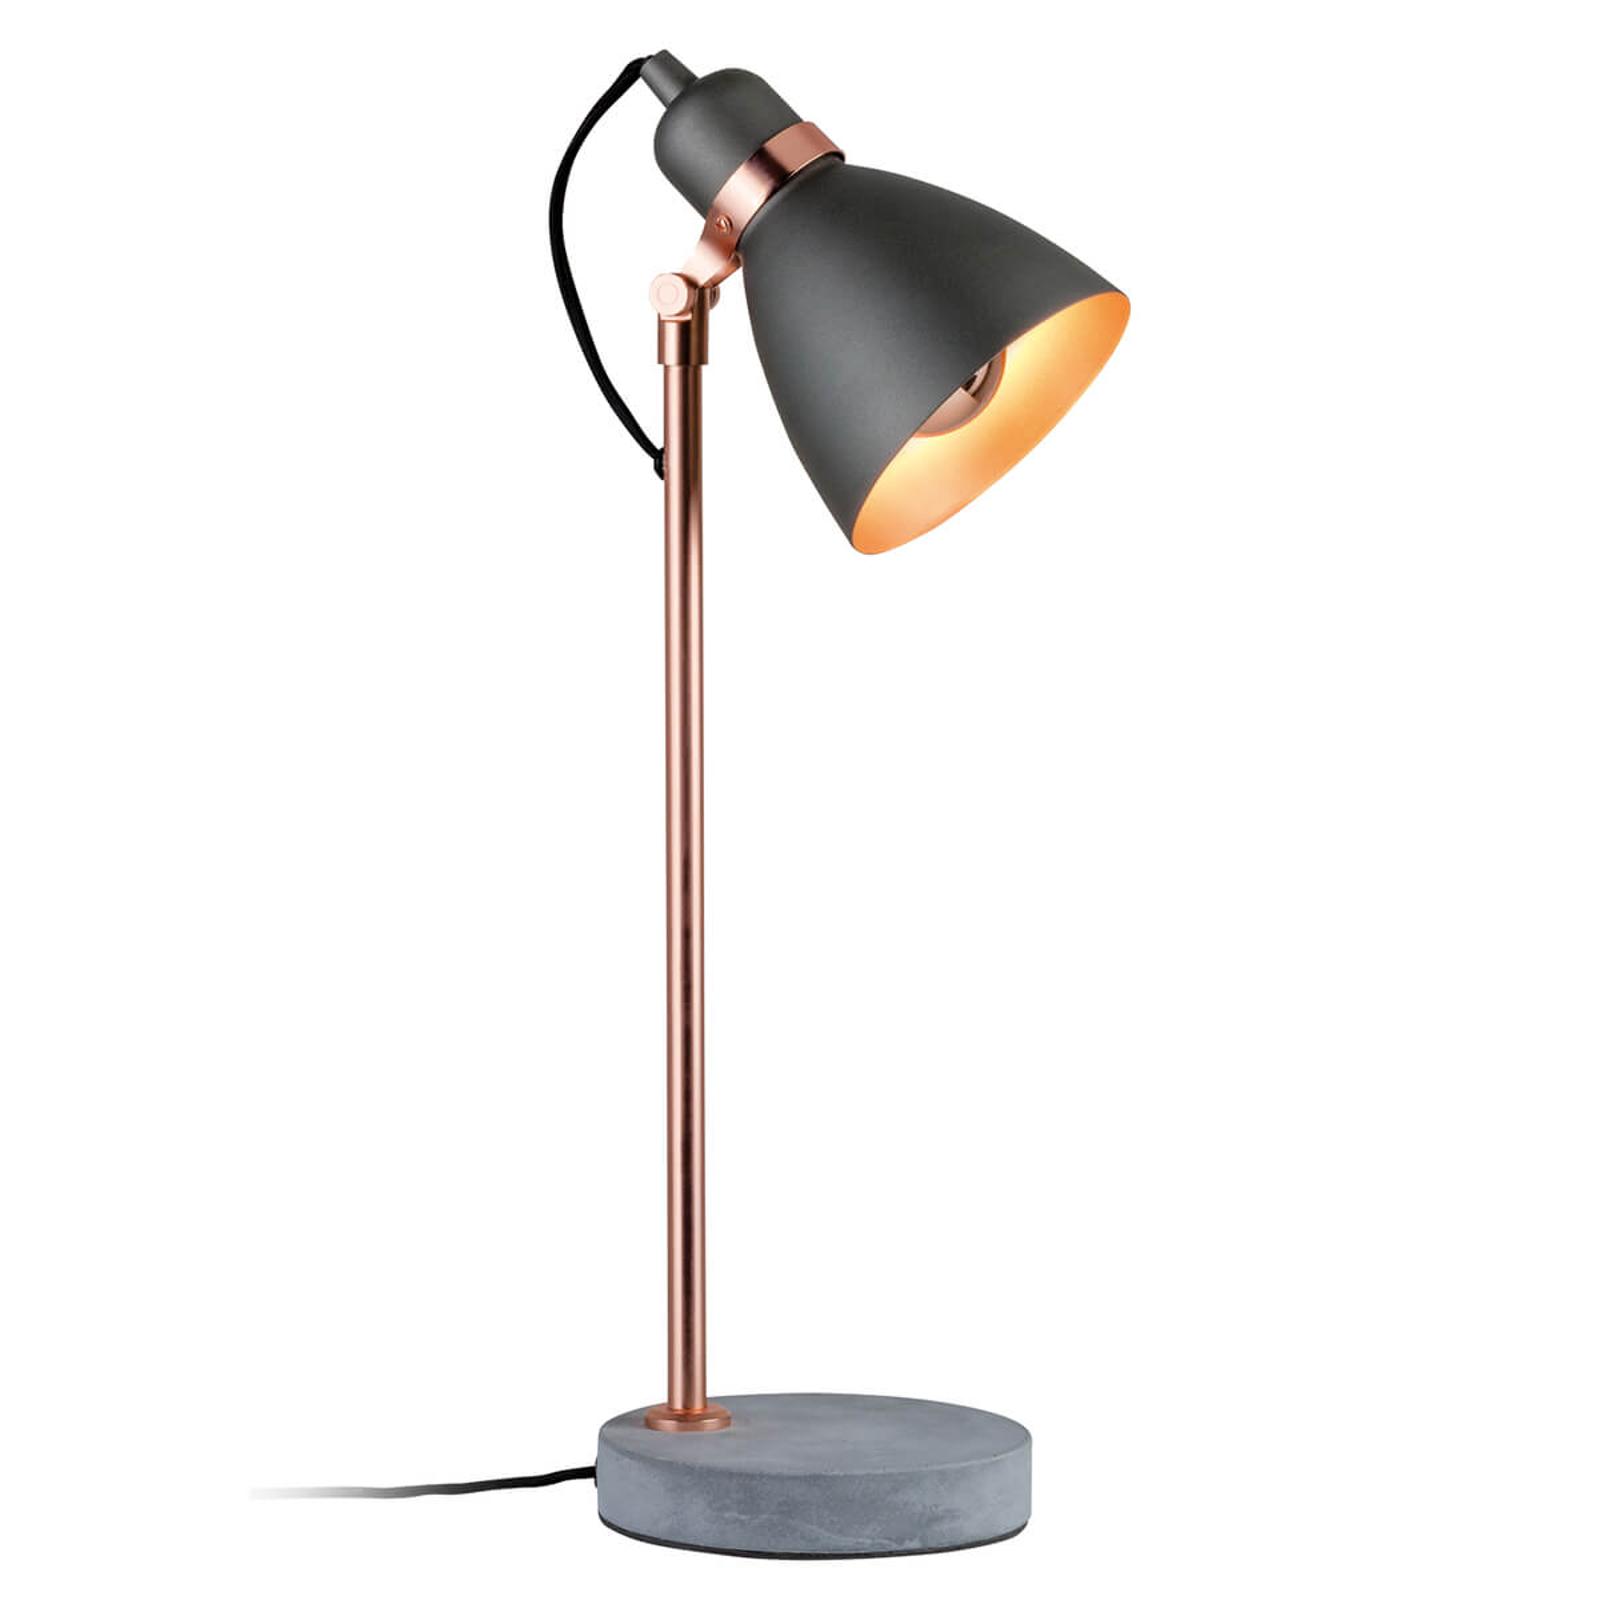 Lampe à poser moderne Orm avec pied en béton